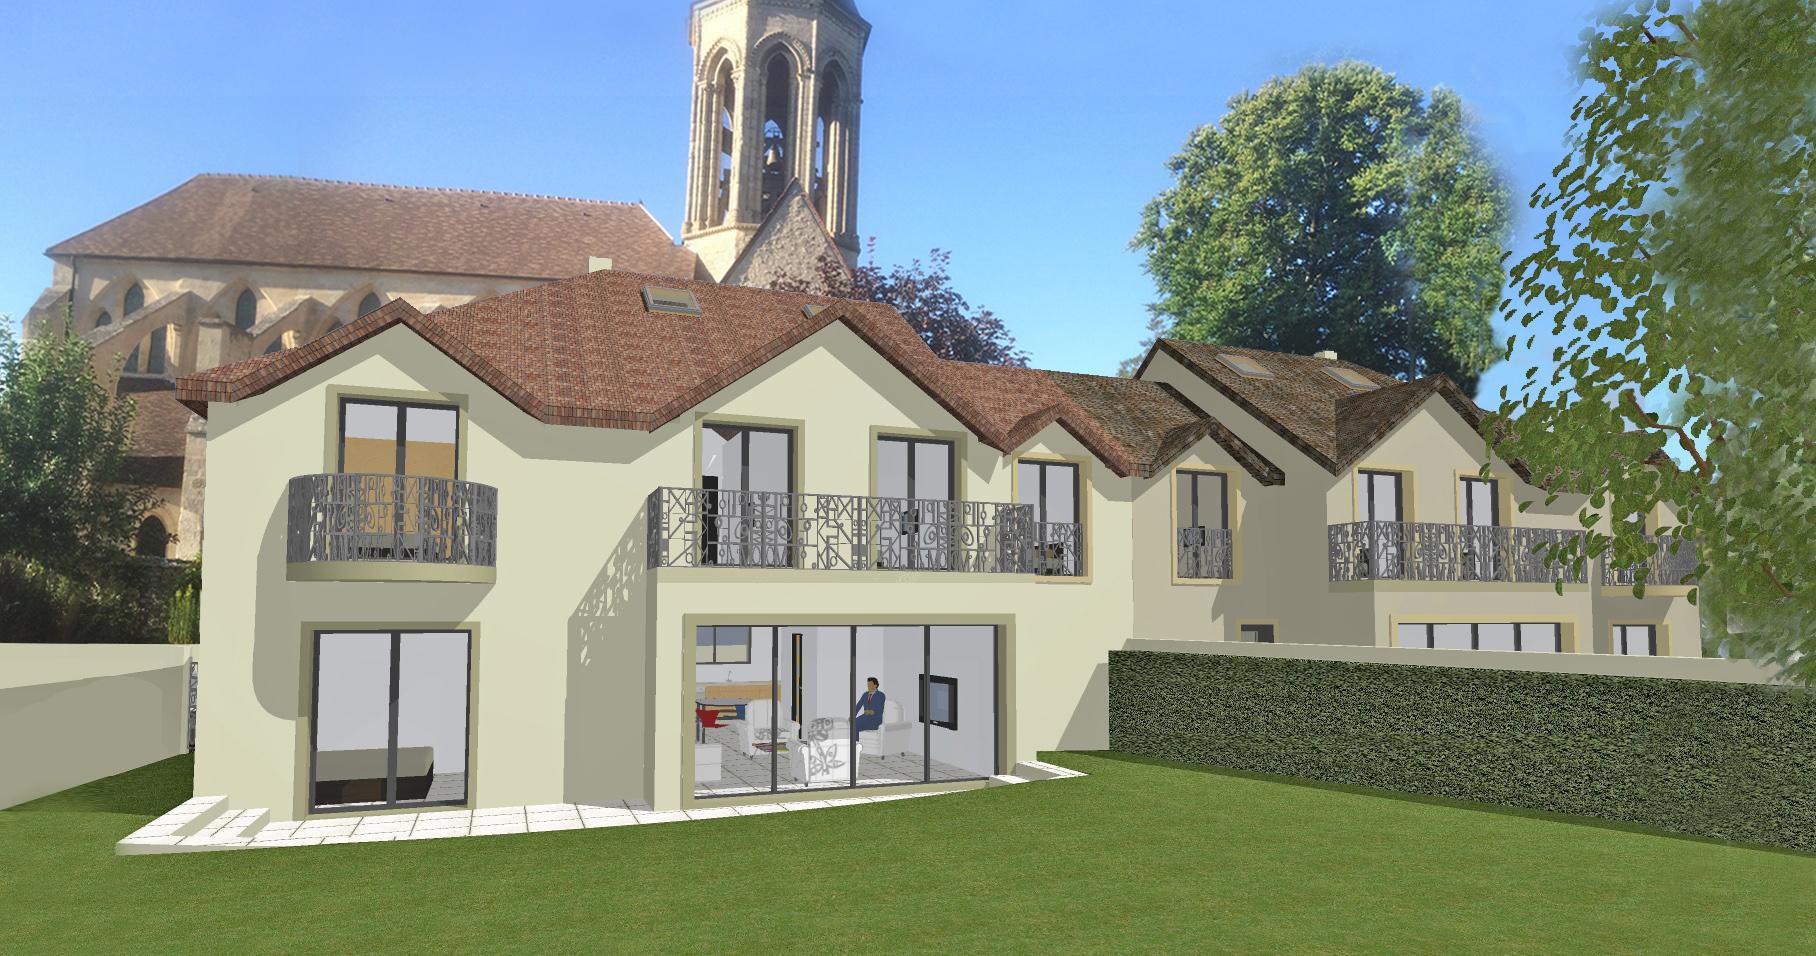 Image Principale - 2 maisons jumelles à Thiverval